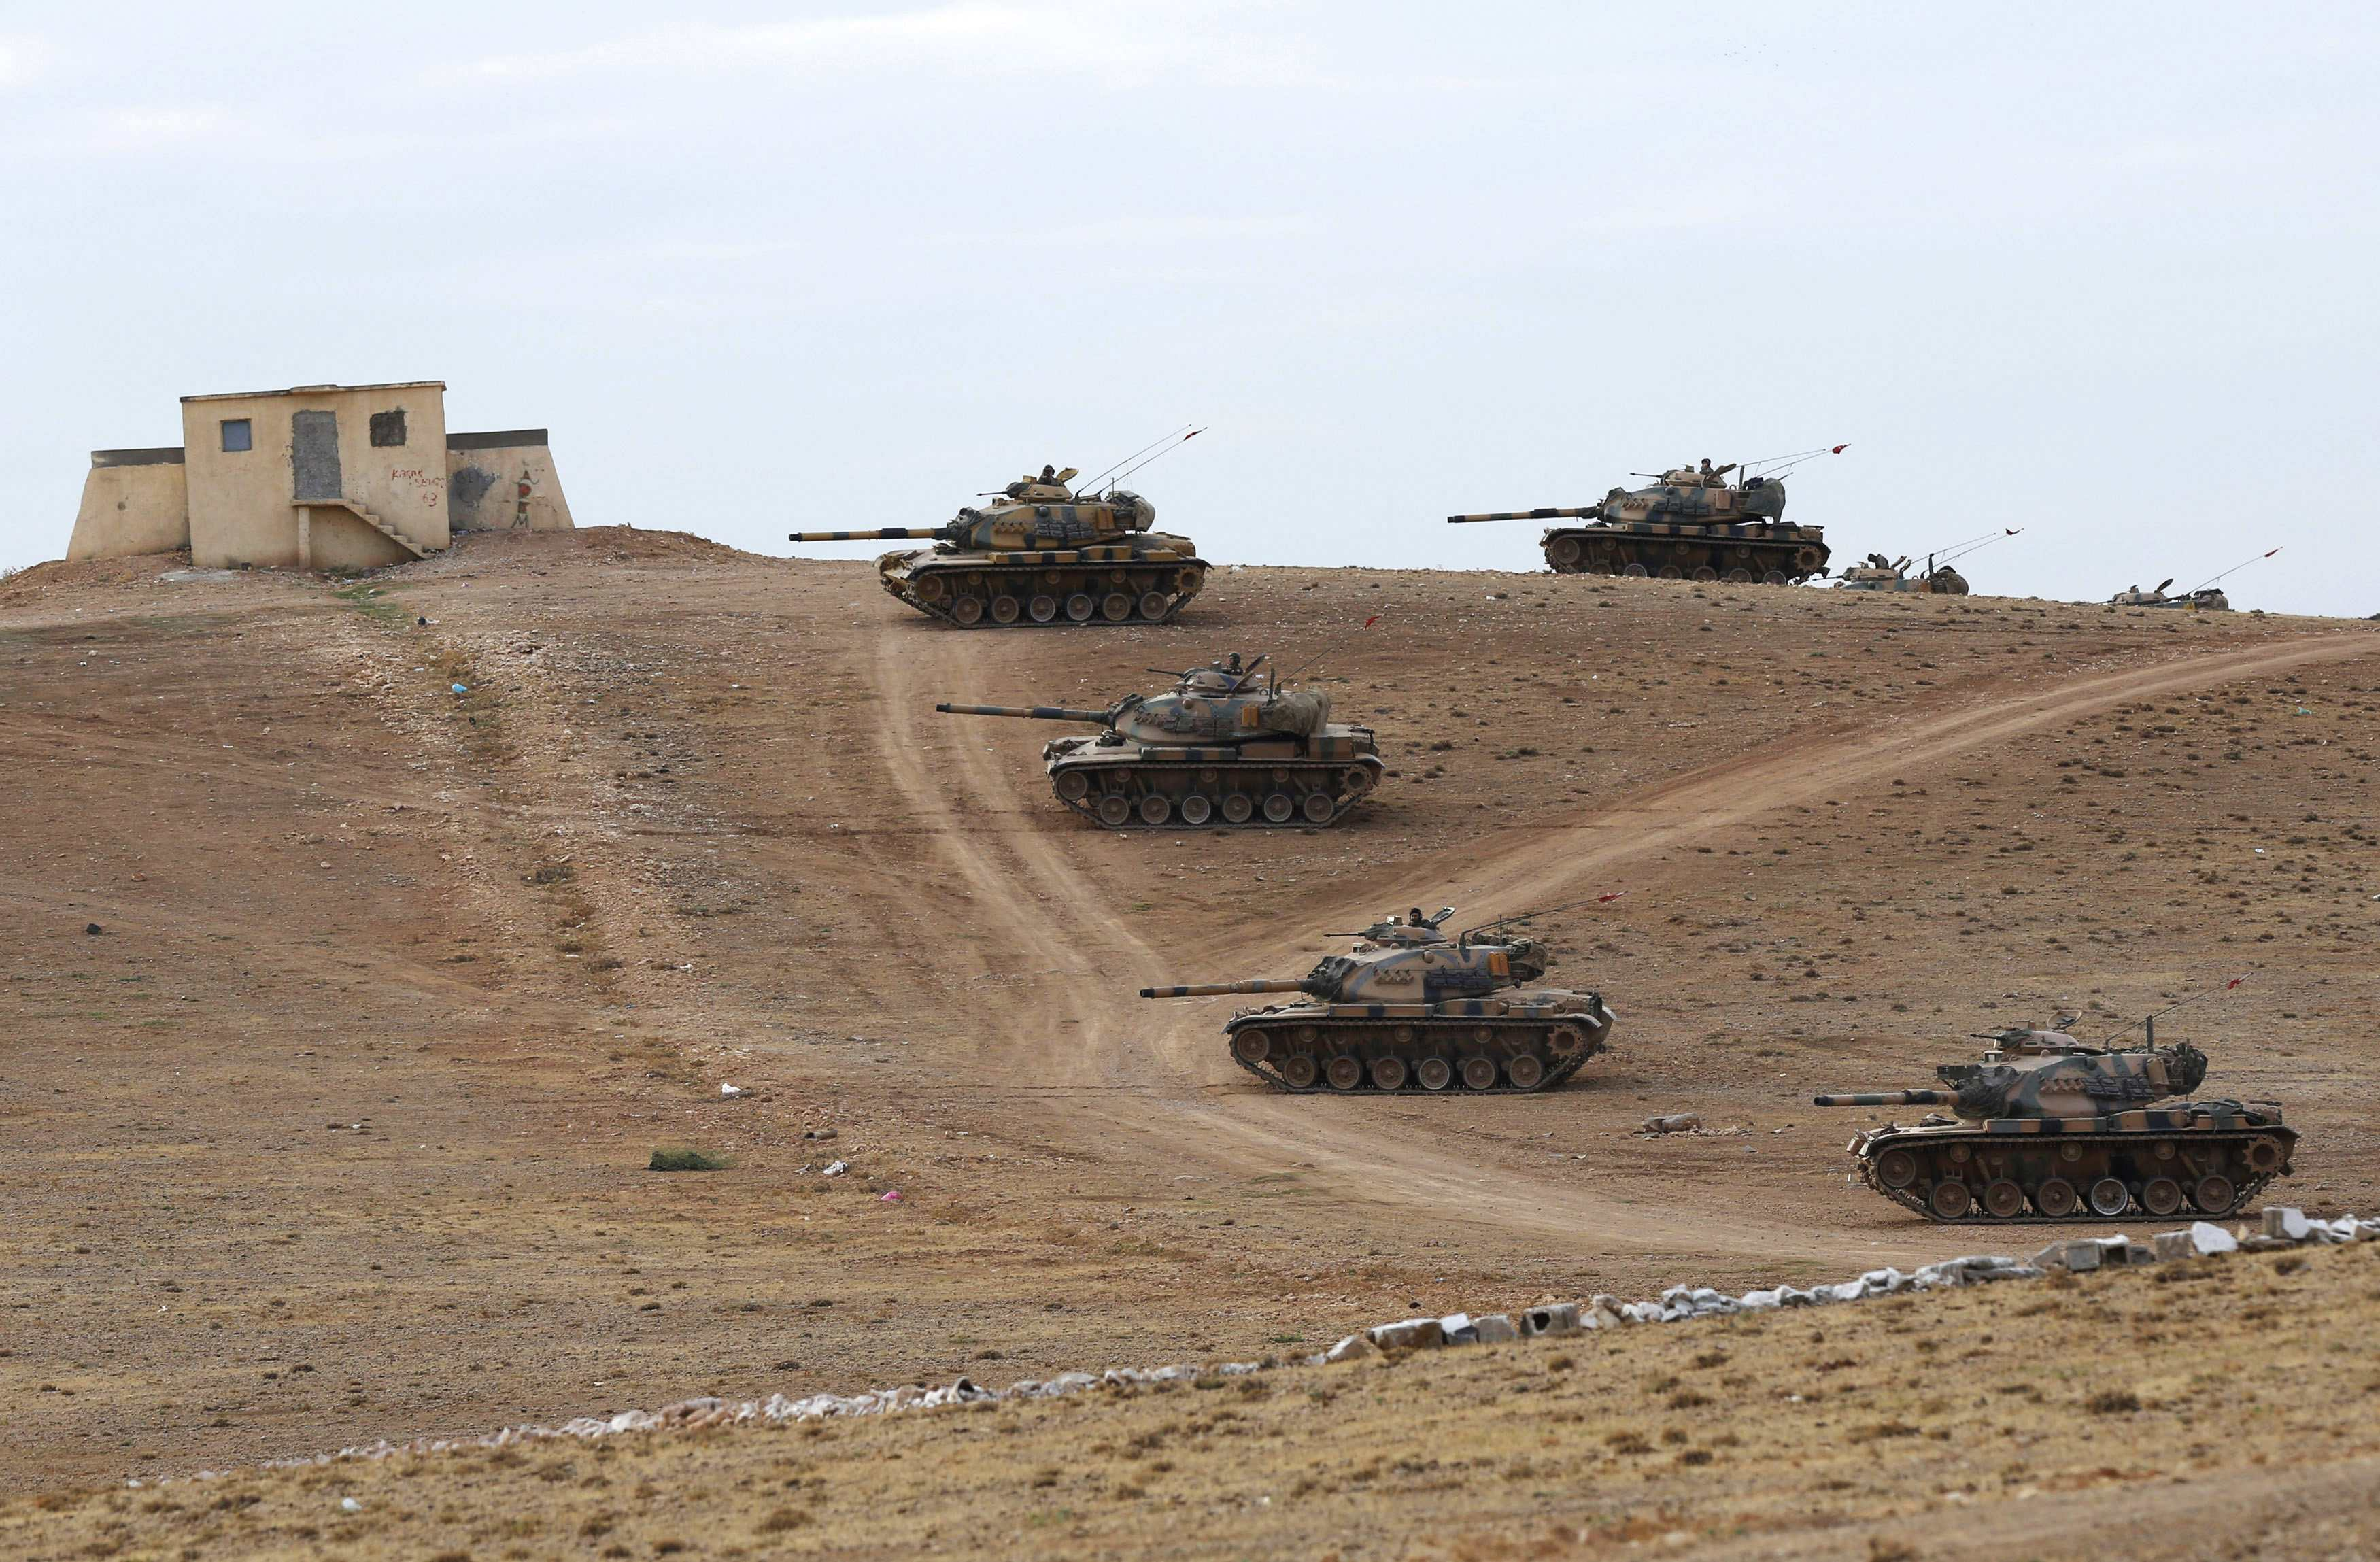 Турска упутила оклопну технику на границу са Сиријом